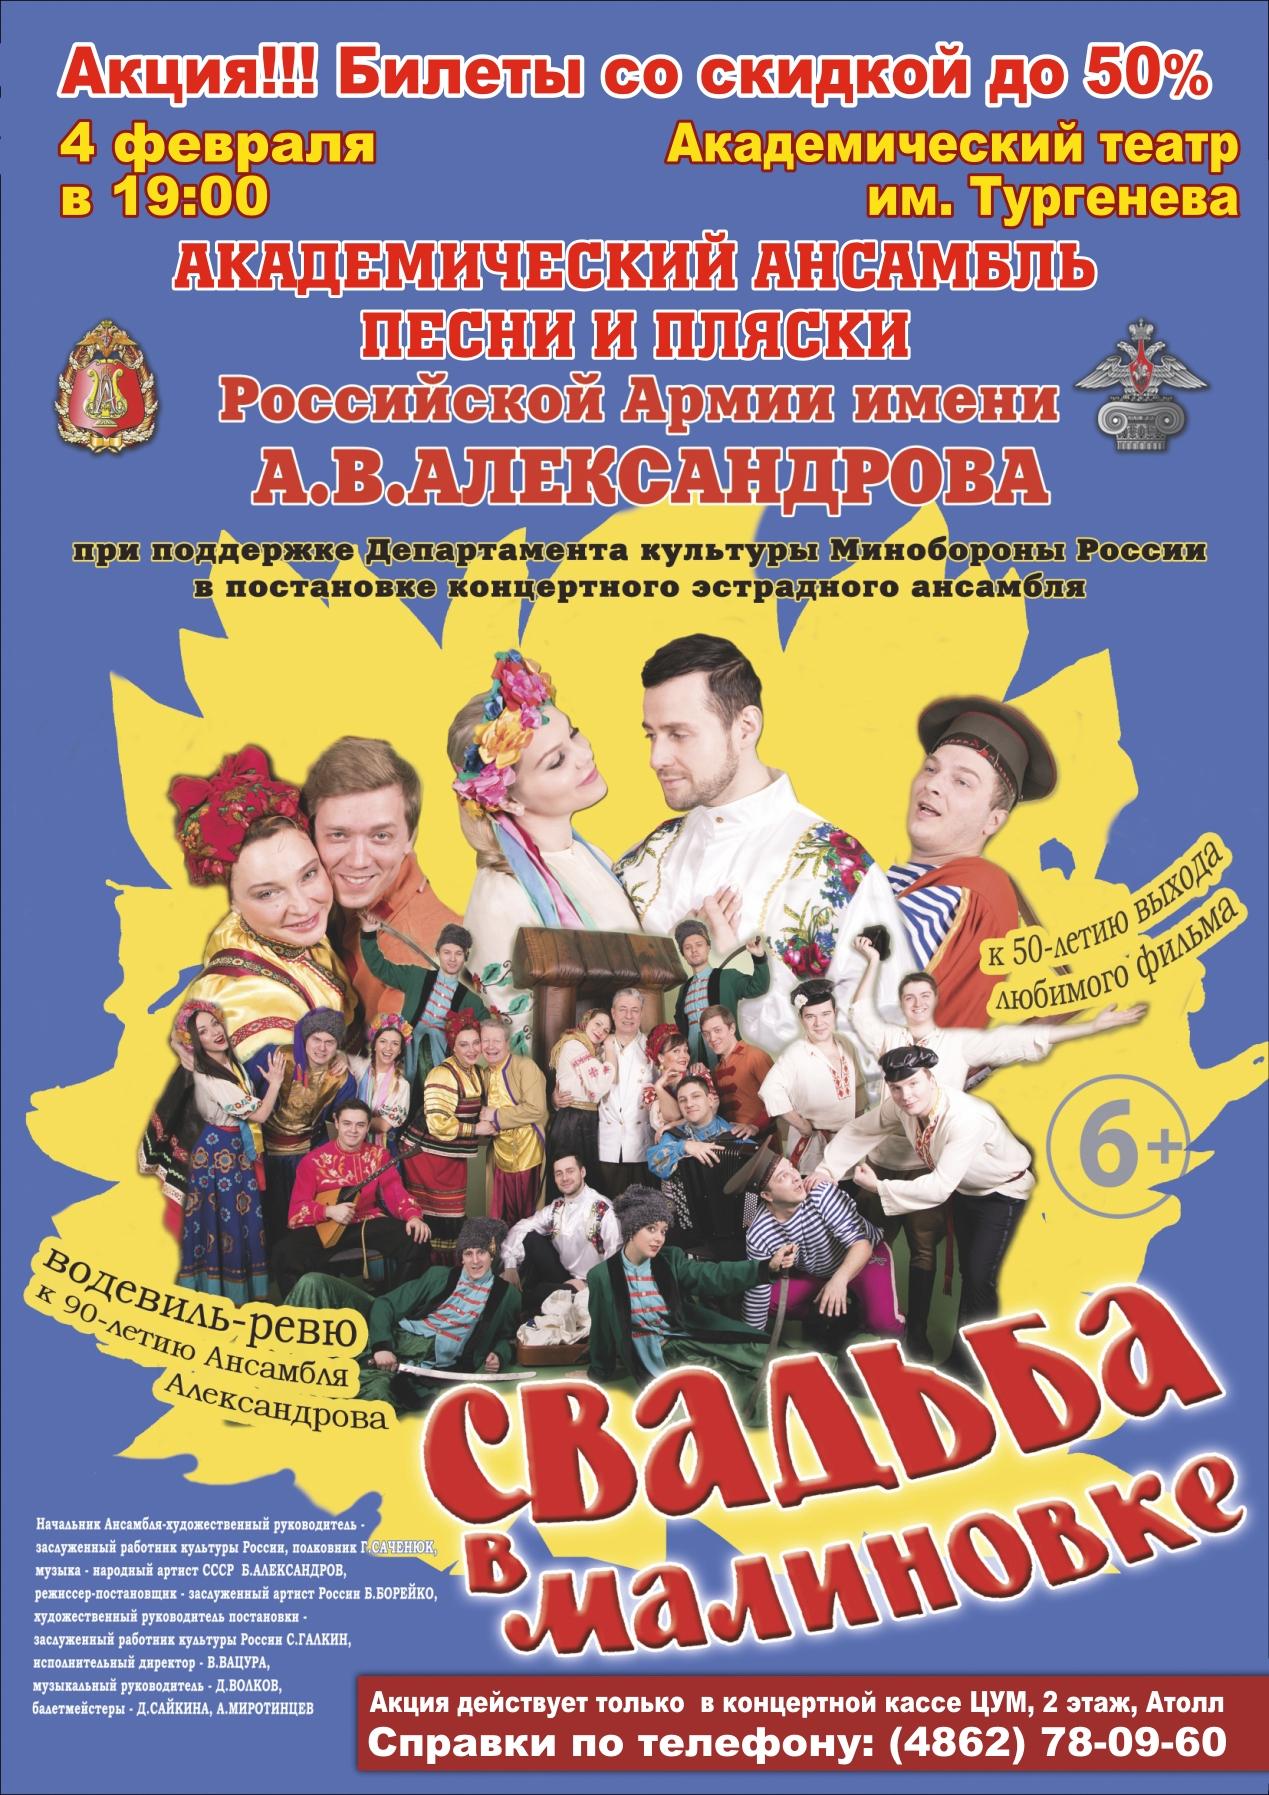 Музеи вооруженных сил в москве цена билета